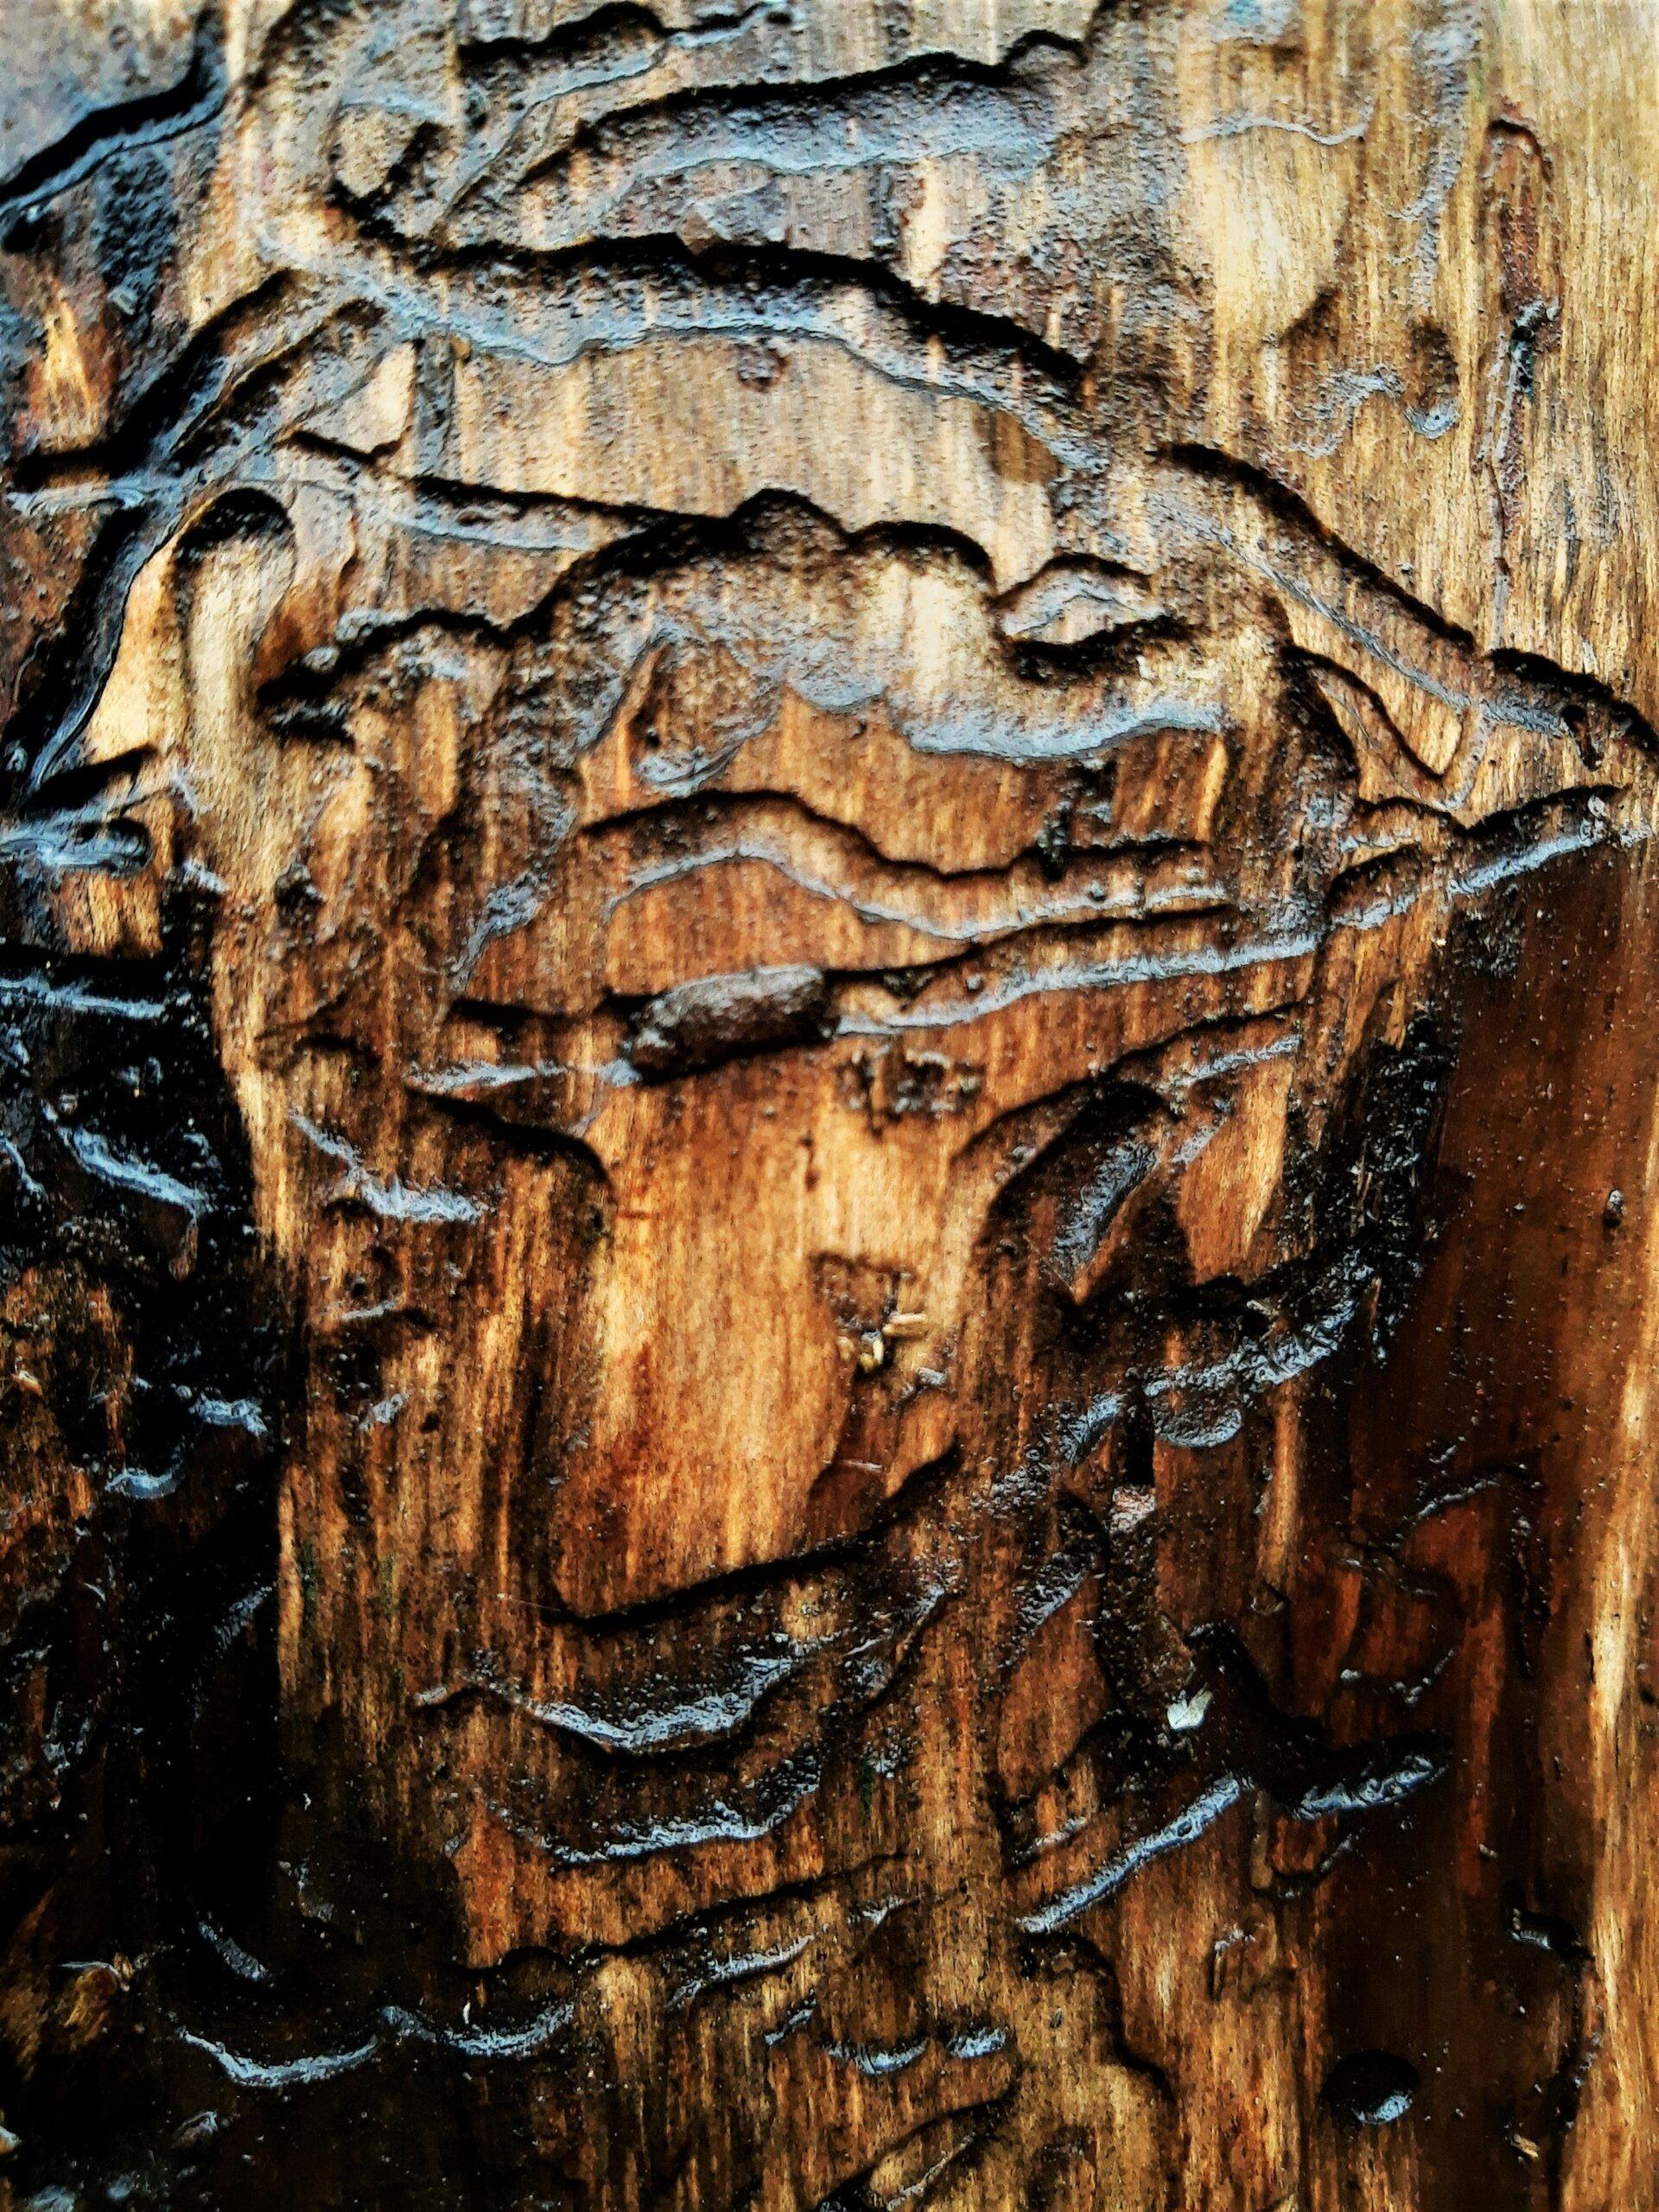 """Wyróżnienie, kategoria wiekowa 16-20 lat, podkategoria leśne szczegóły - Aleksandra Zielińska """"Mikro artyści"""""""